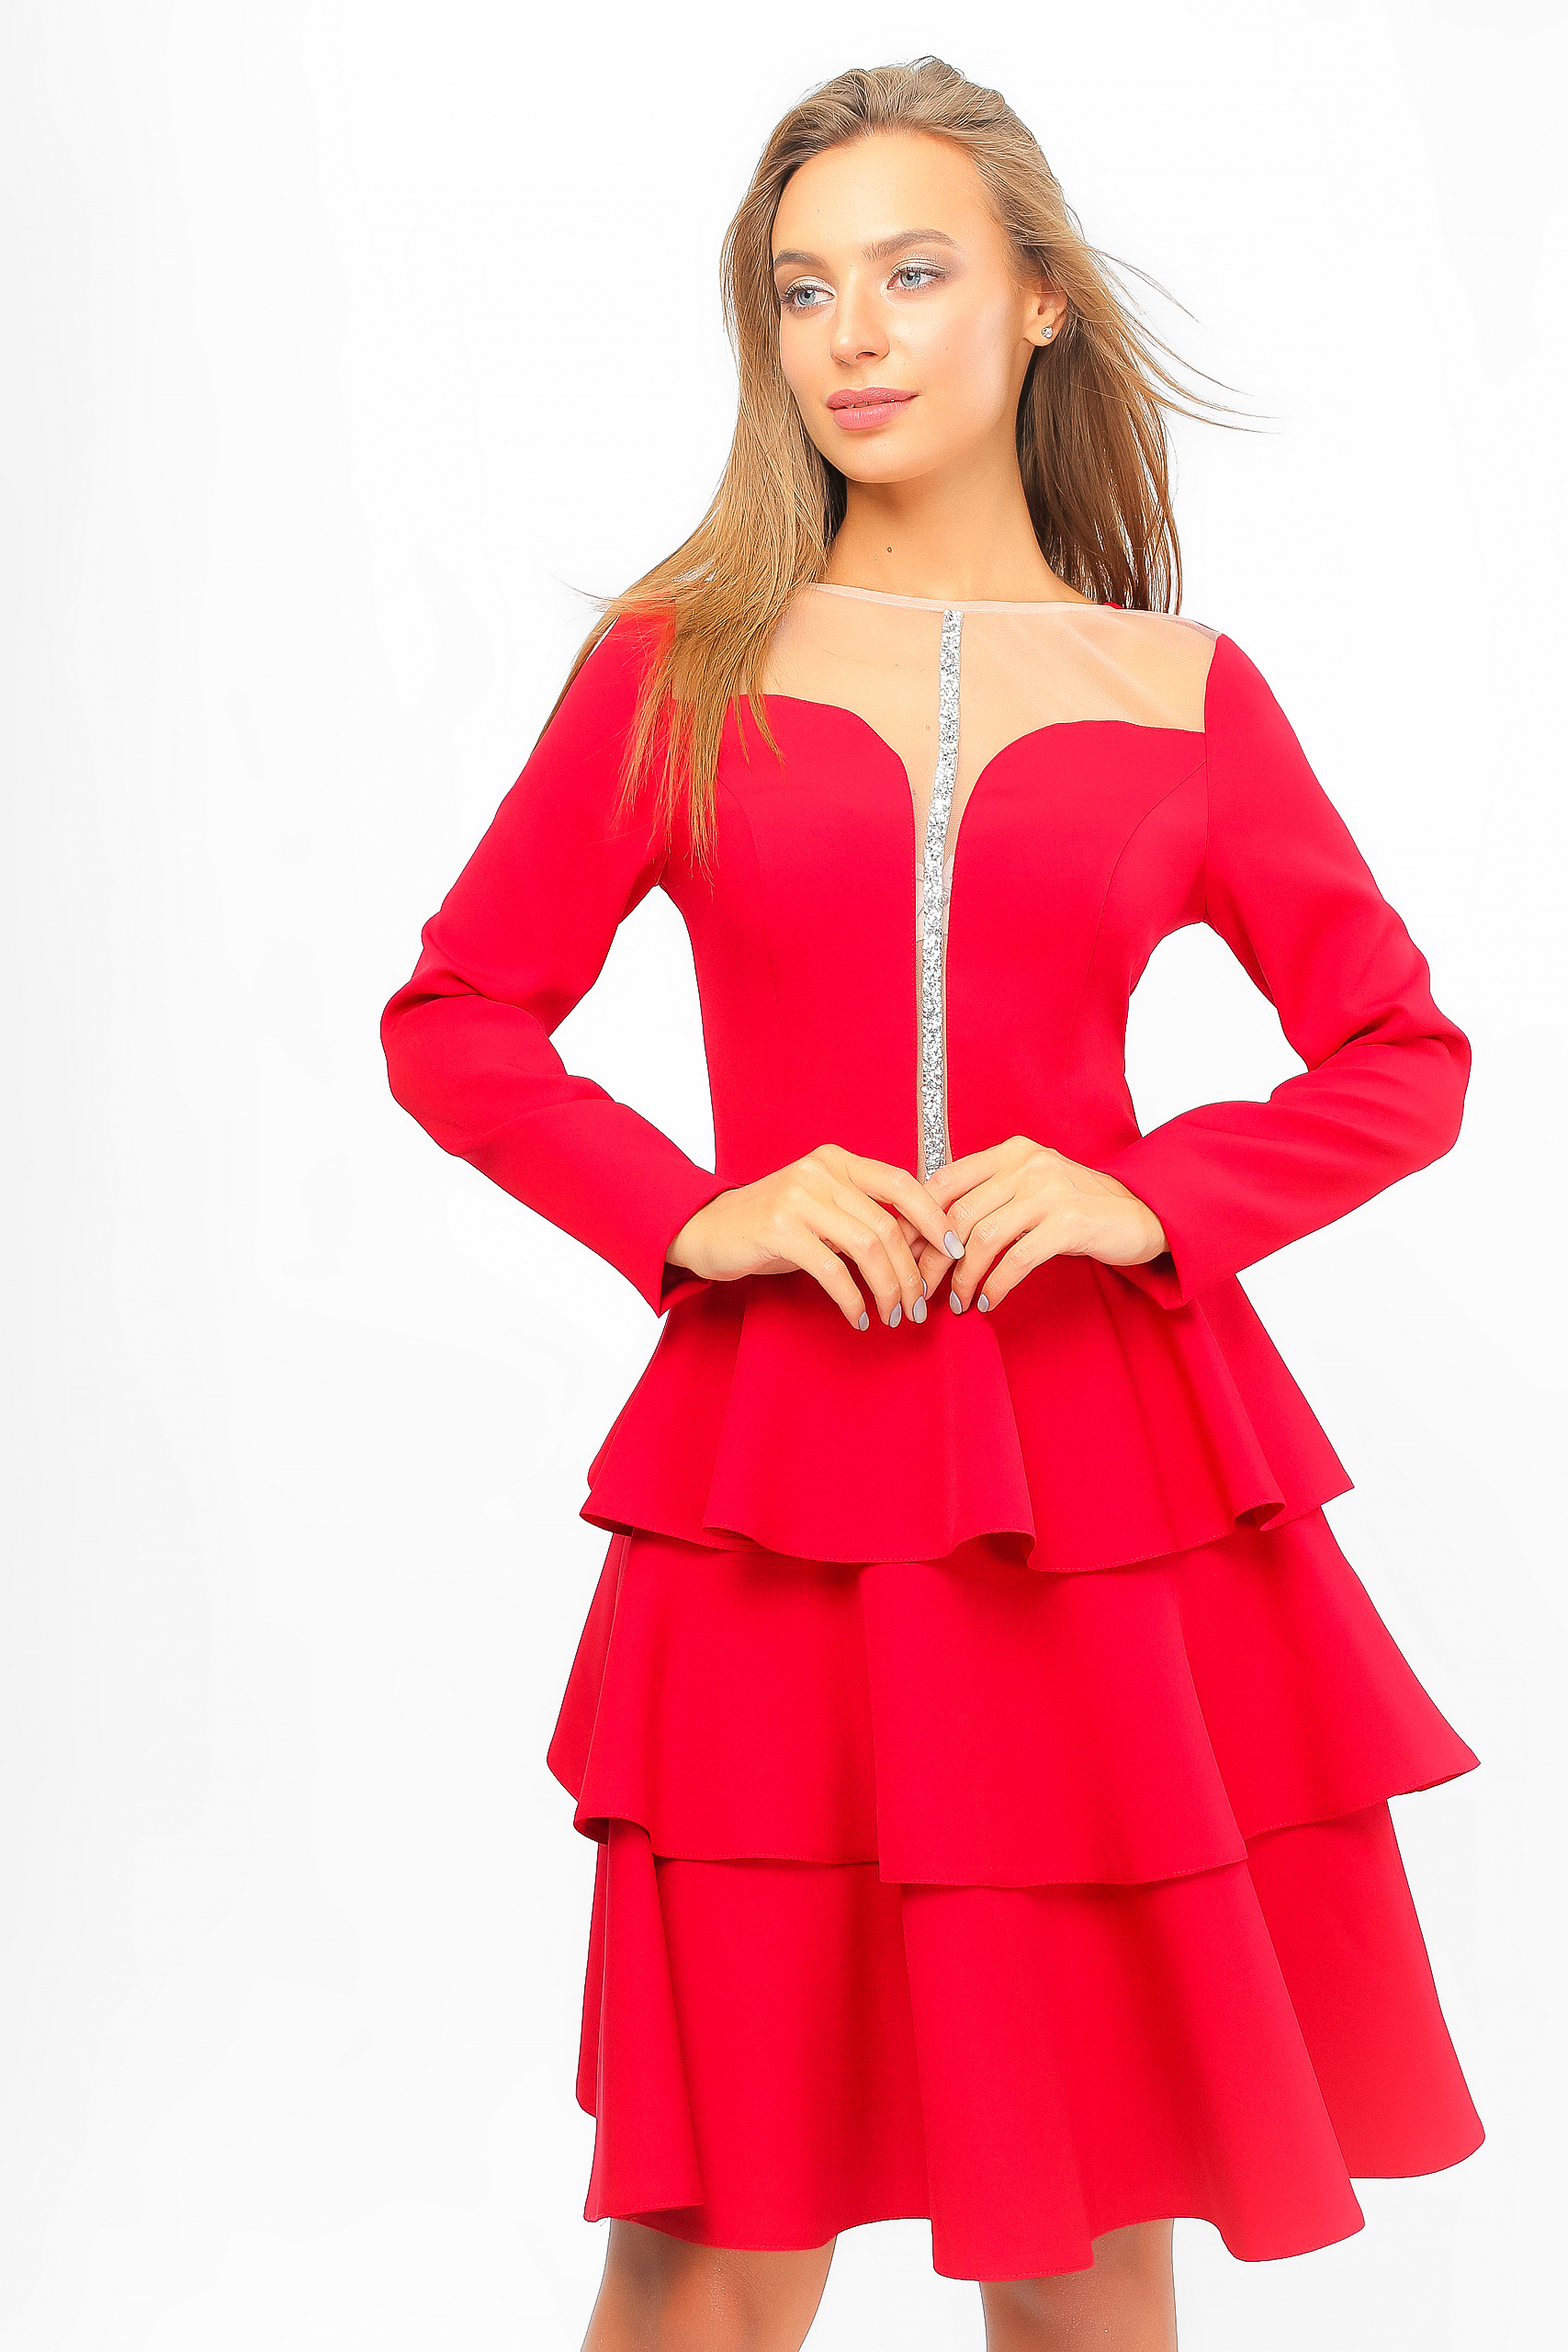 Сукня з воланами Червона Lipar